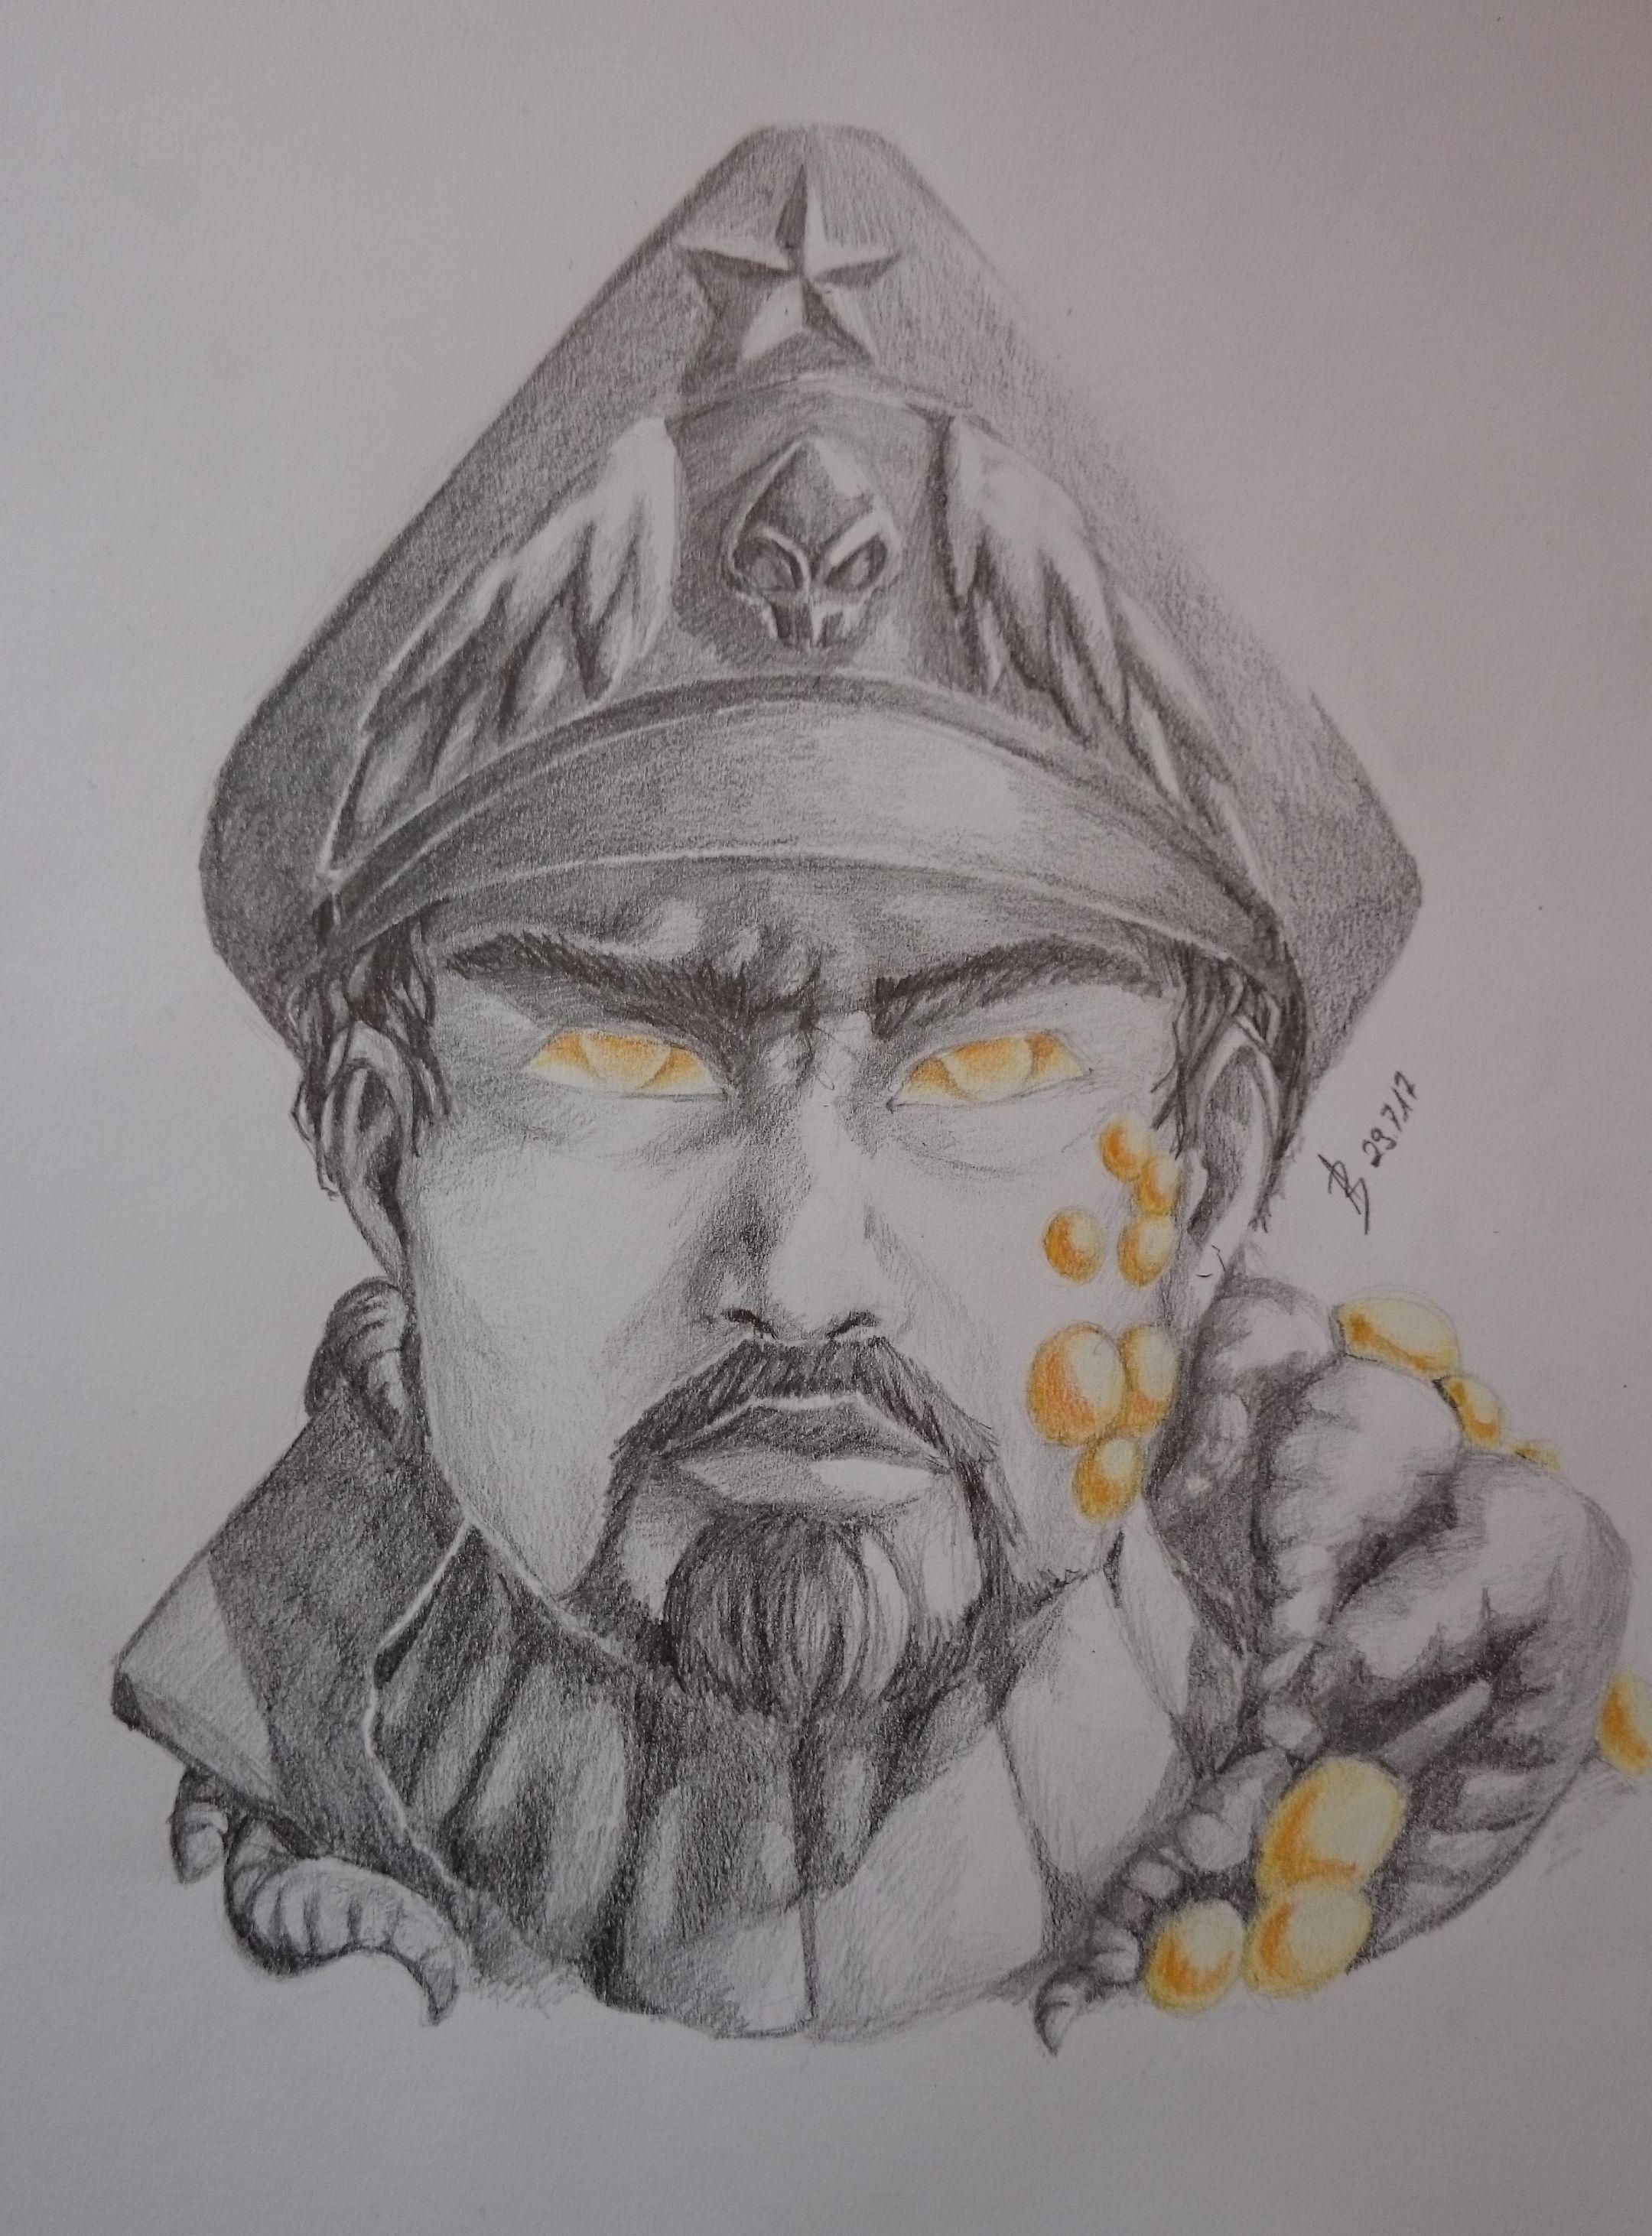 Alexei Stukov